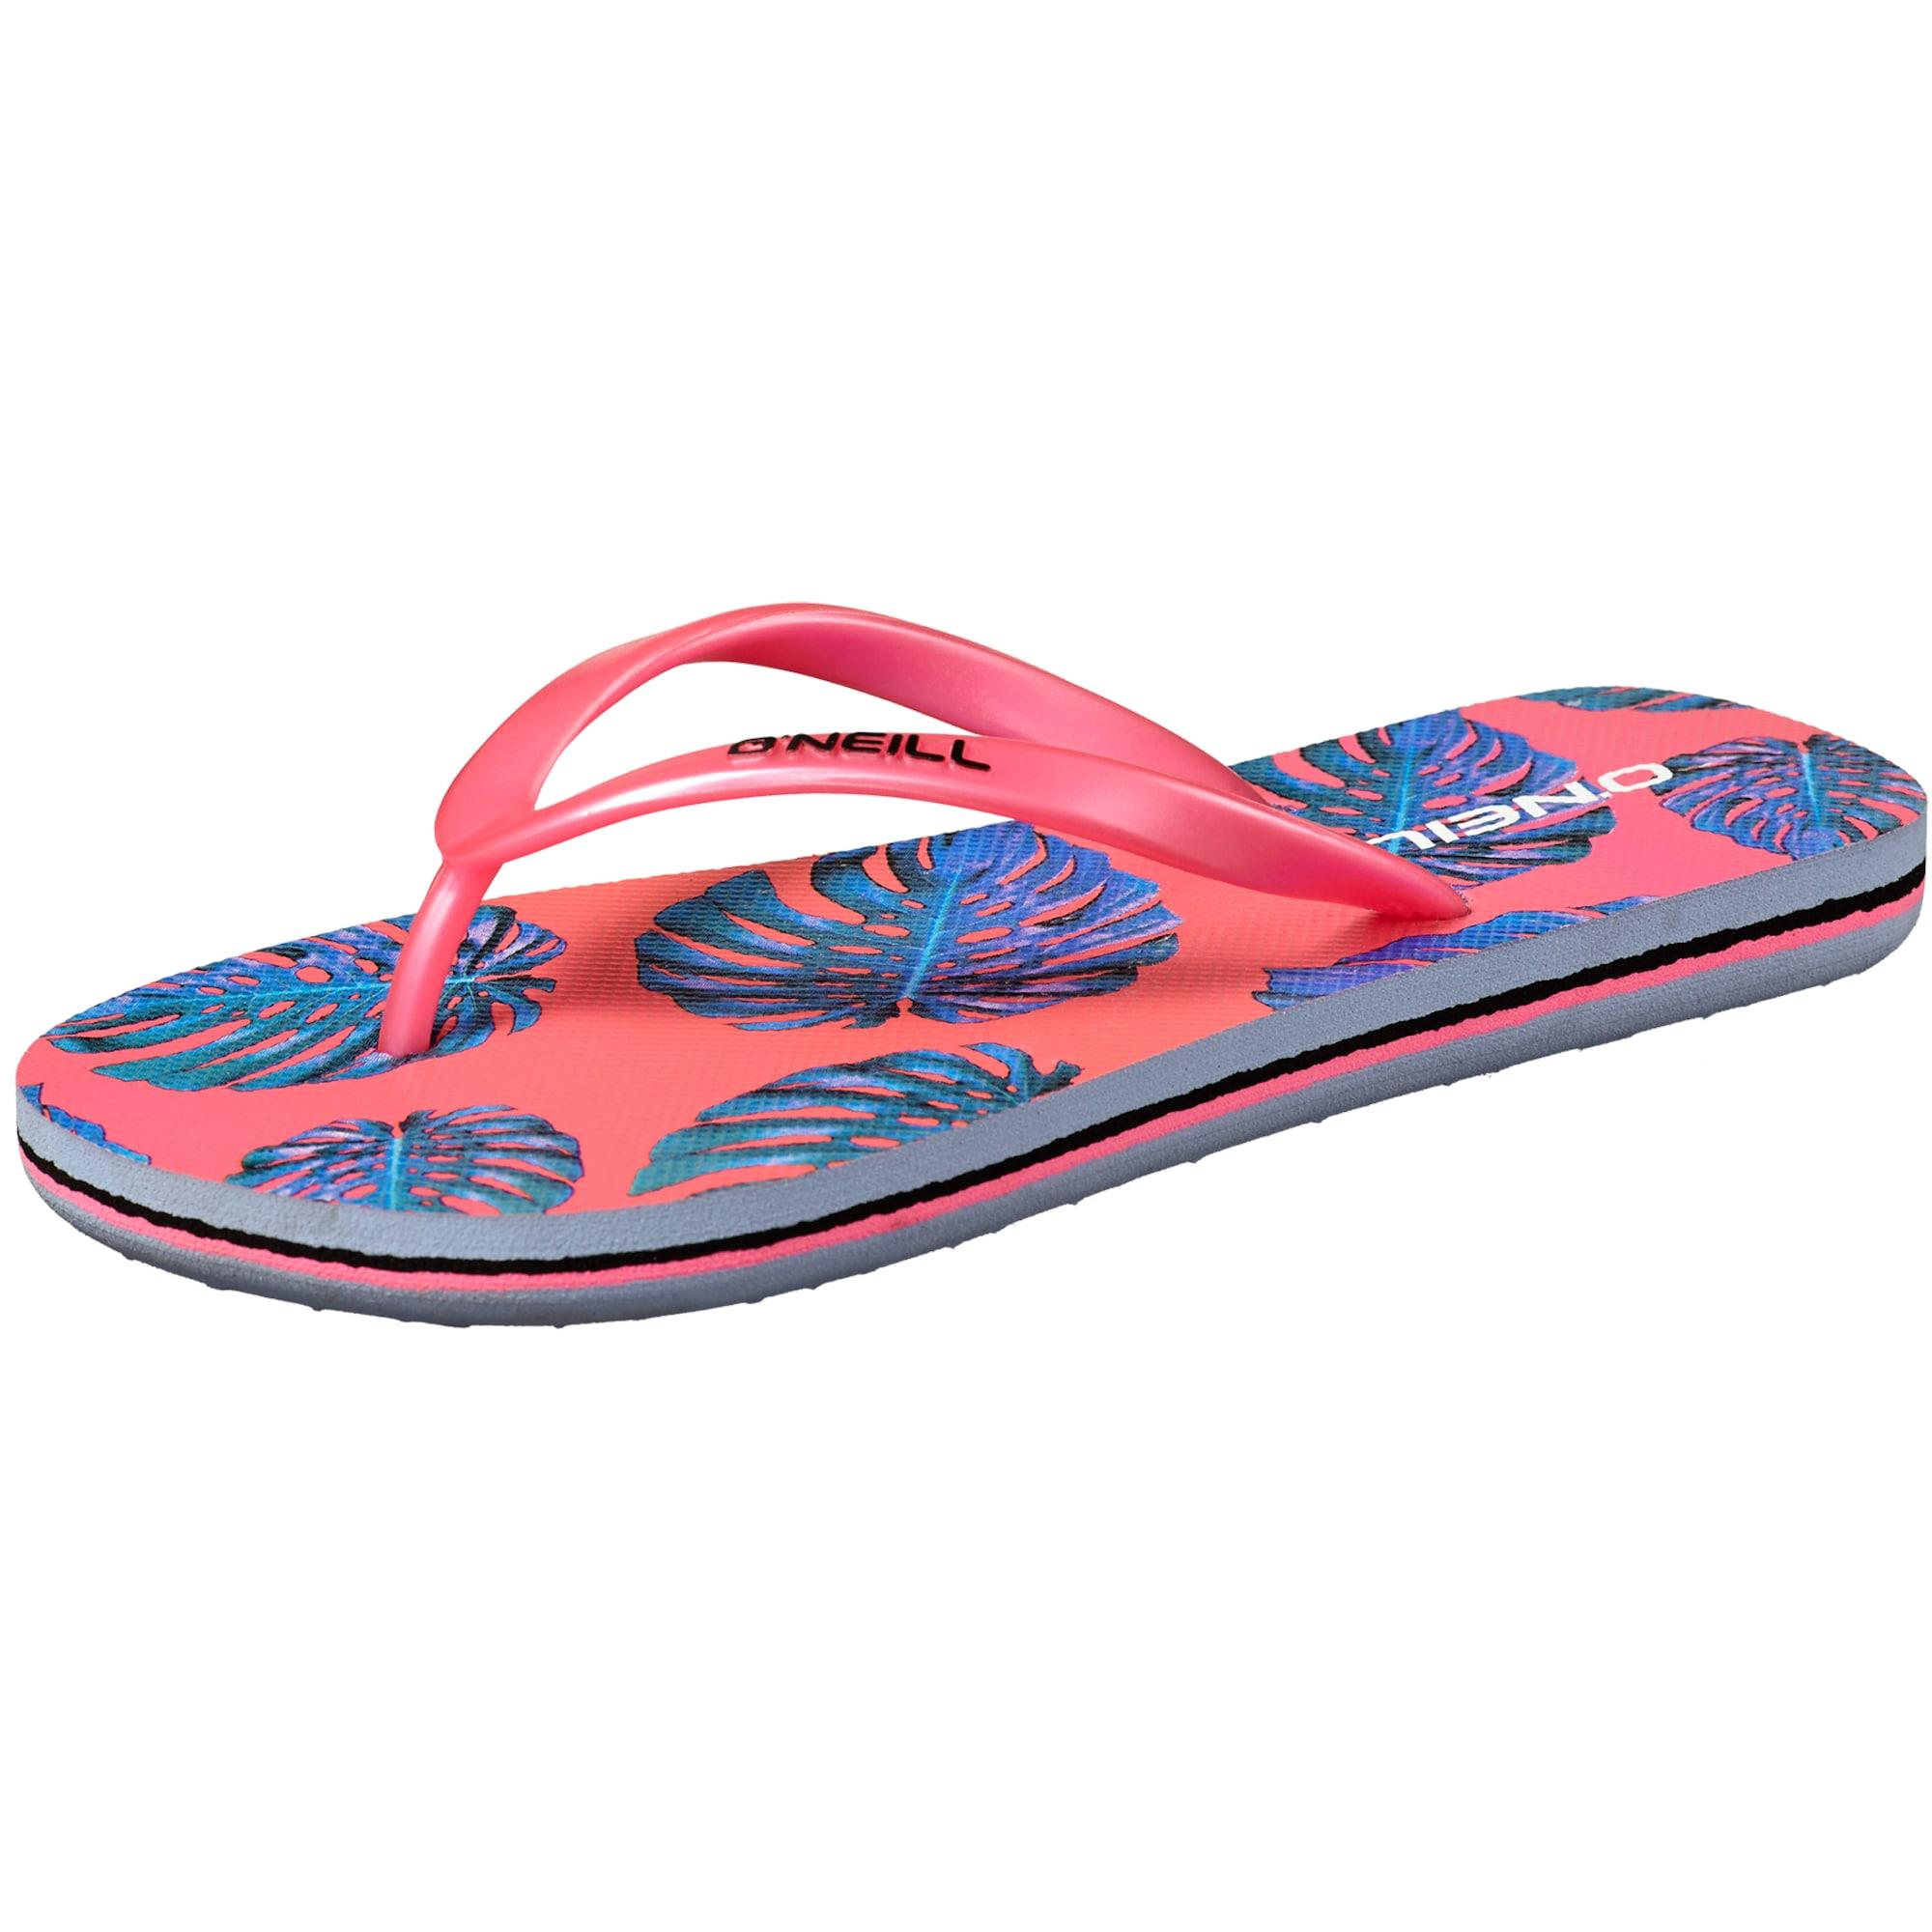 Image of Schuhe ´FG MOYA PLUS FLIP FLOPS´